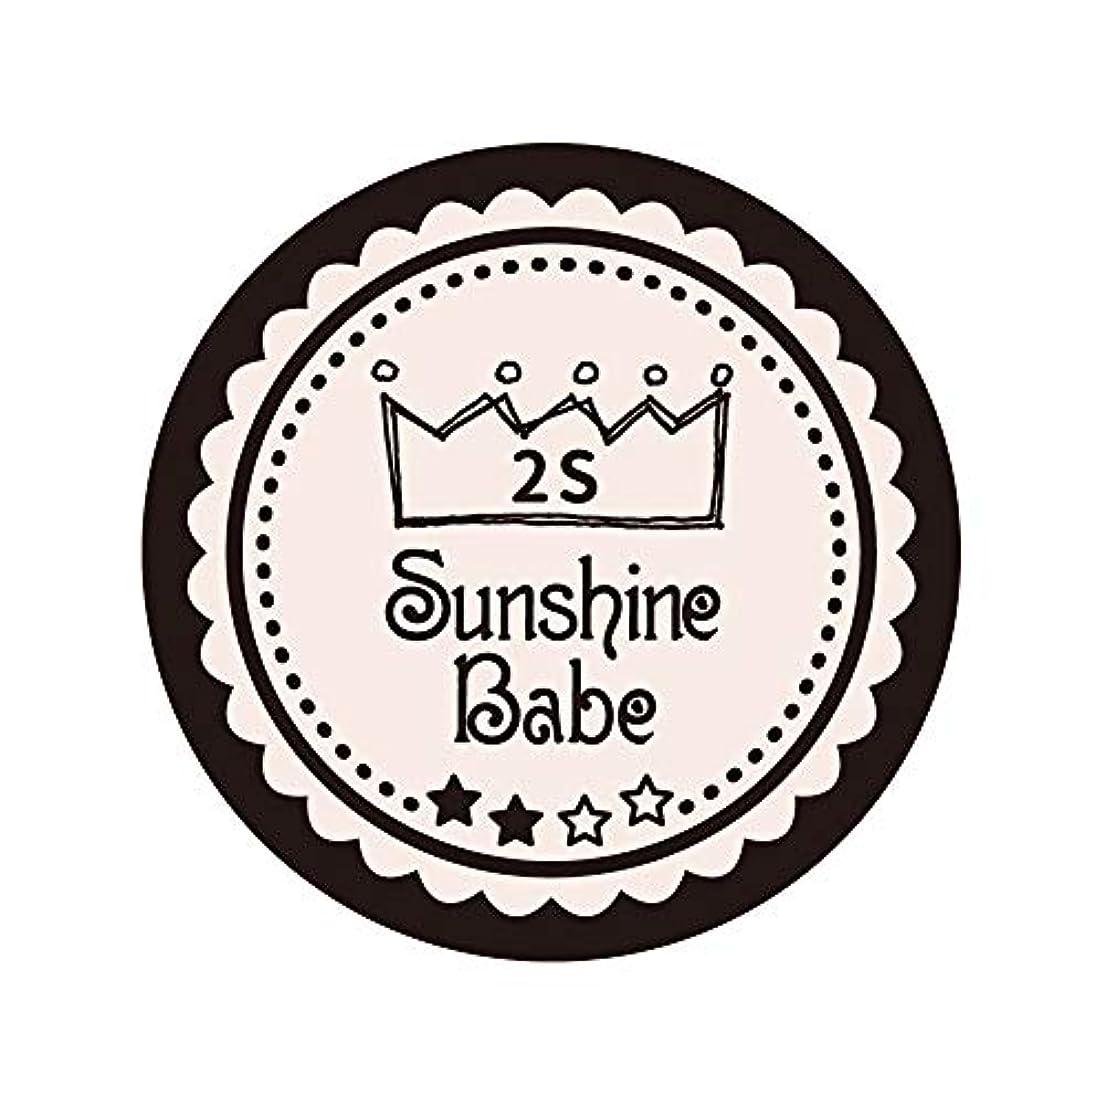 セットアップアンドリューハリディ占めるSunshine Babe カラージェル 2S オールモーストモーブ 2.7g UV/LED対応